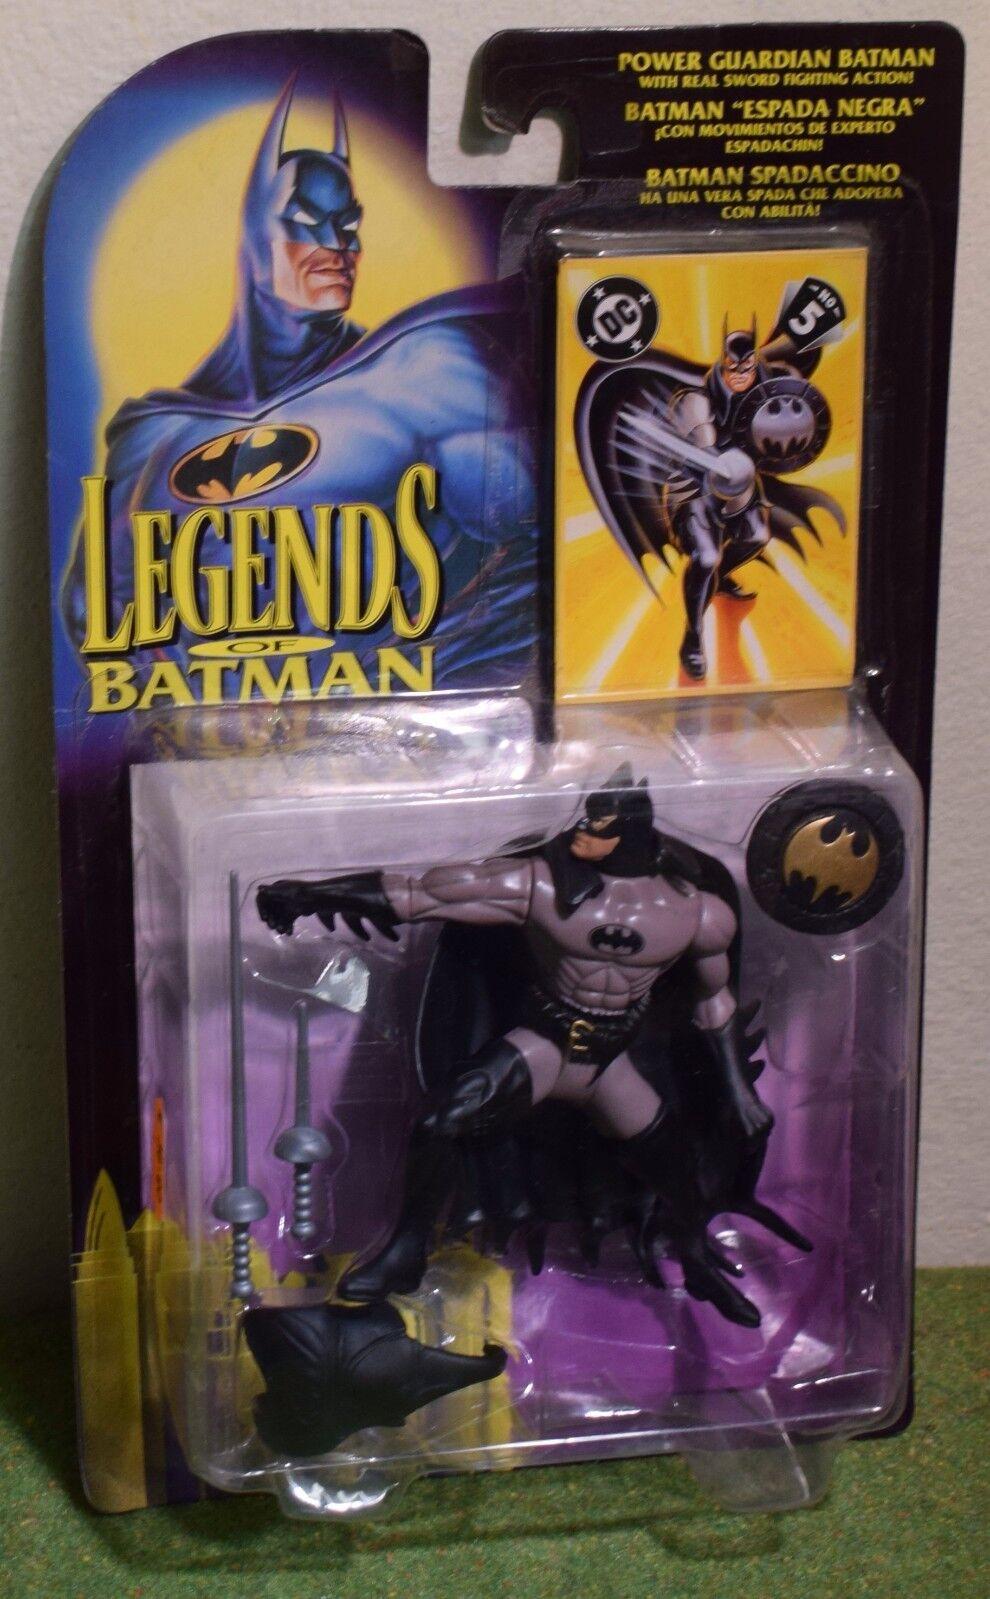 KENNER LEGENDS OF BATMAN POWER GUARDIAN BATMAN ACTION FIGURE